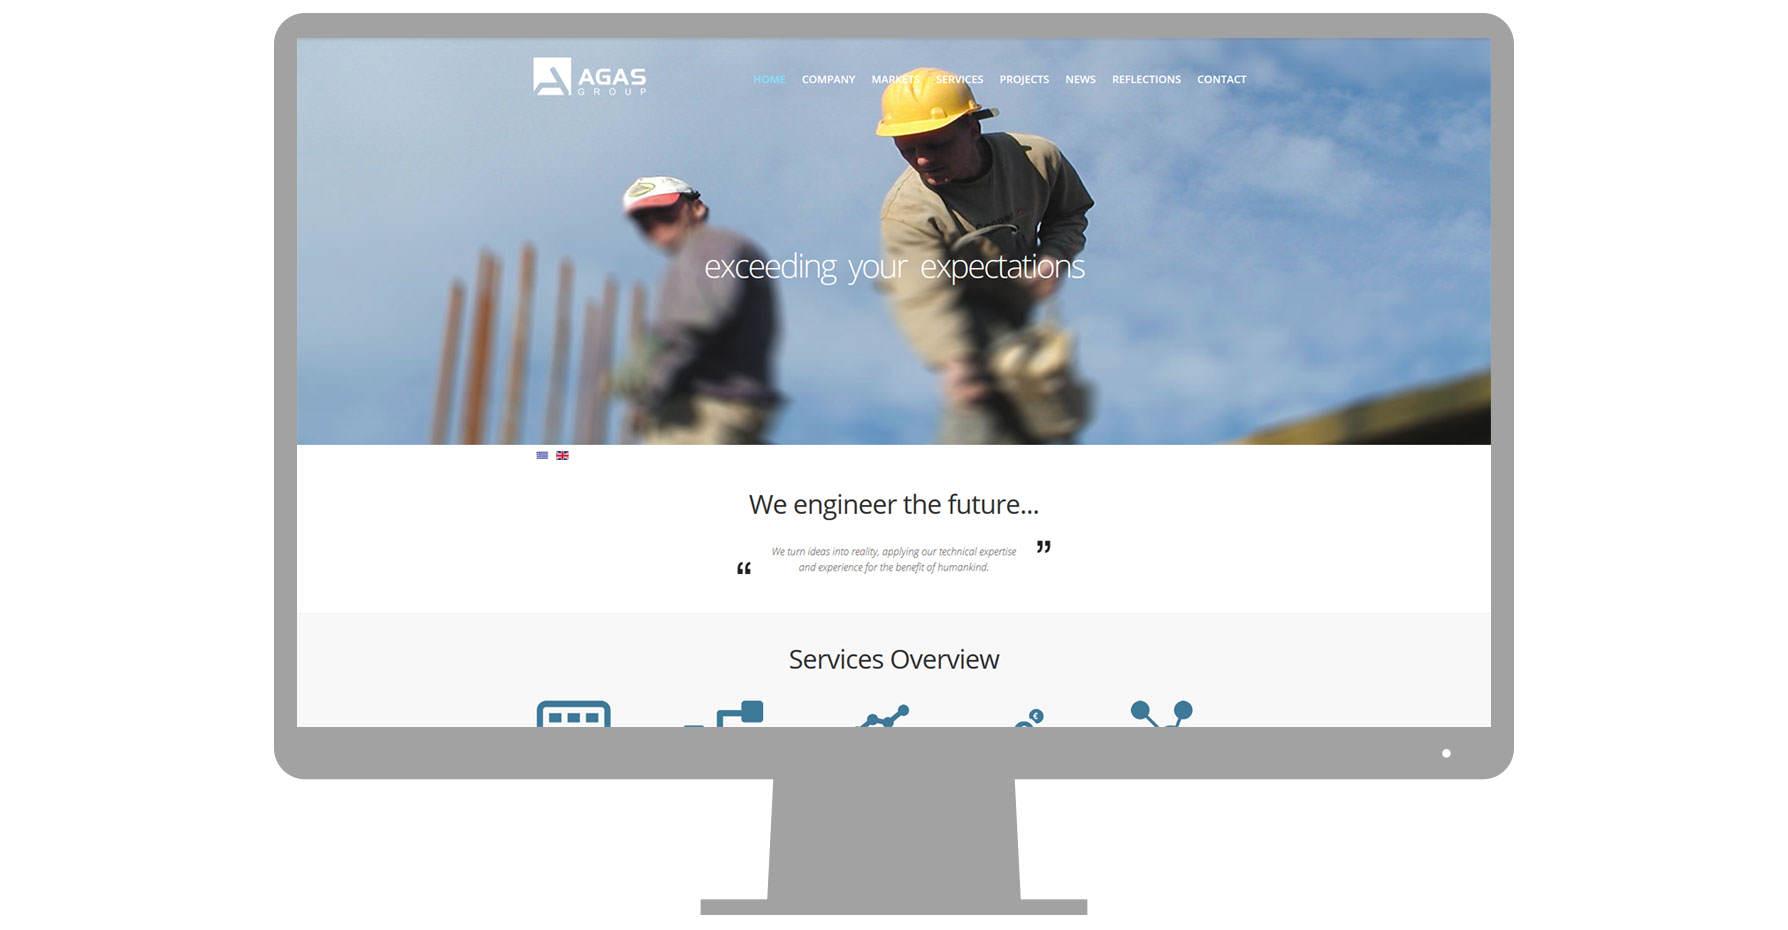 Επικόπηση σελίδας υποδοχής σε περιβάλλον desktop οθόνης